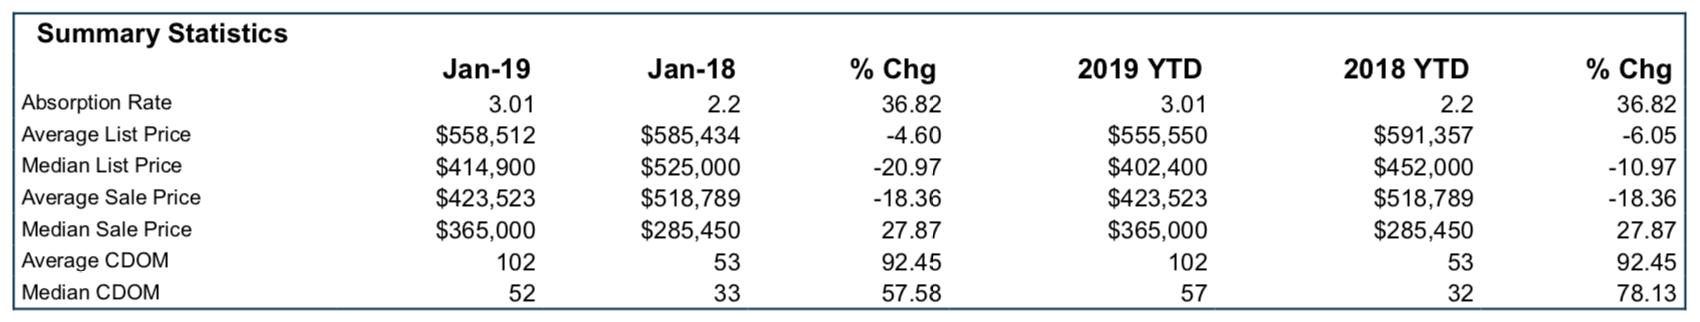 84738 market summary january 2019